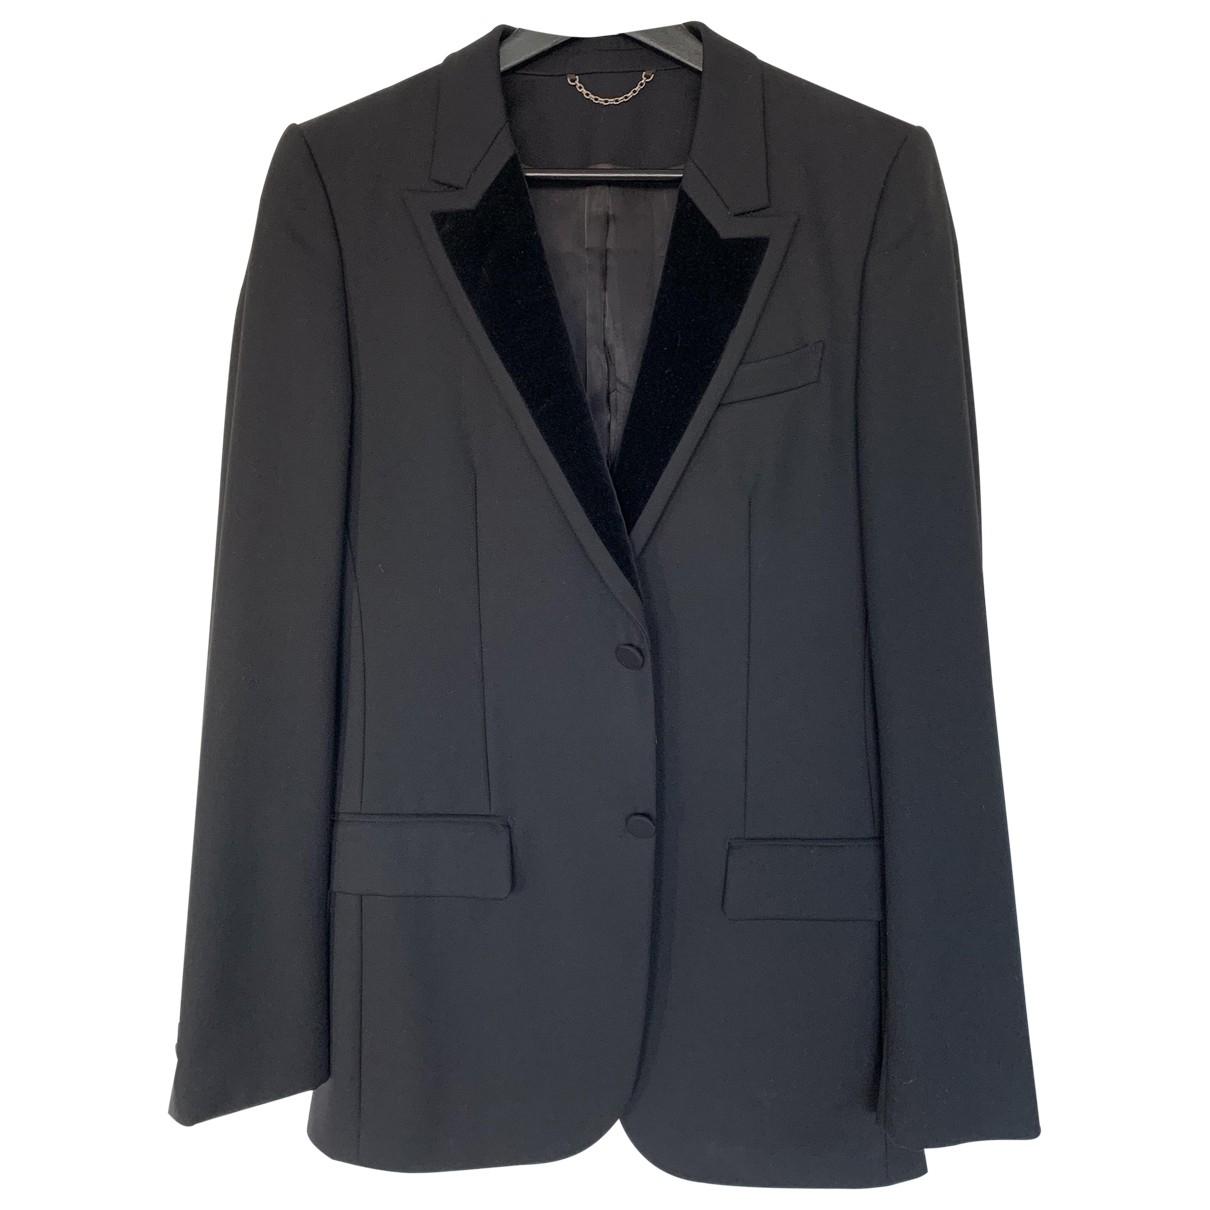 Louis Vuitton - Vestes.Blousons   pour homme en laine - noir